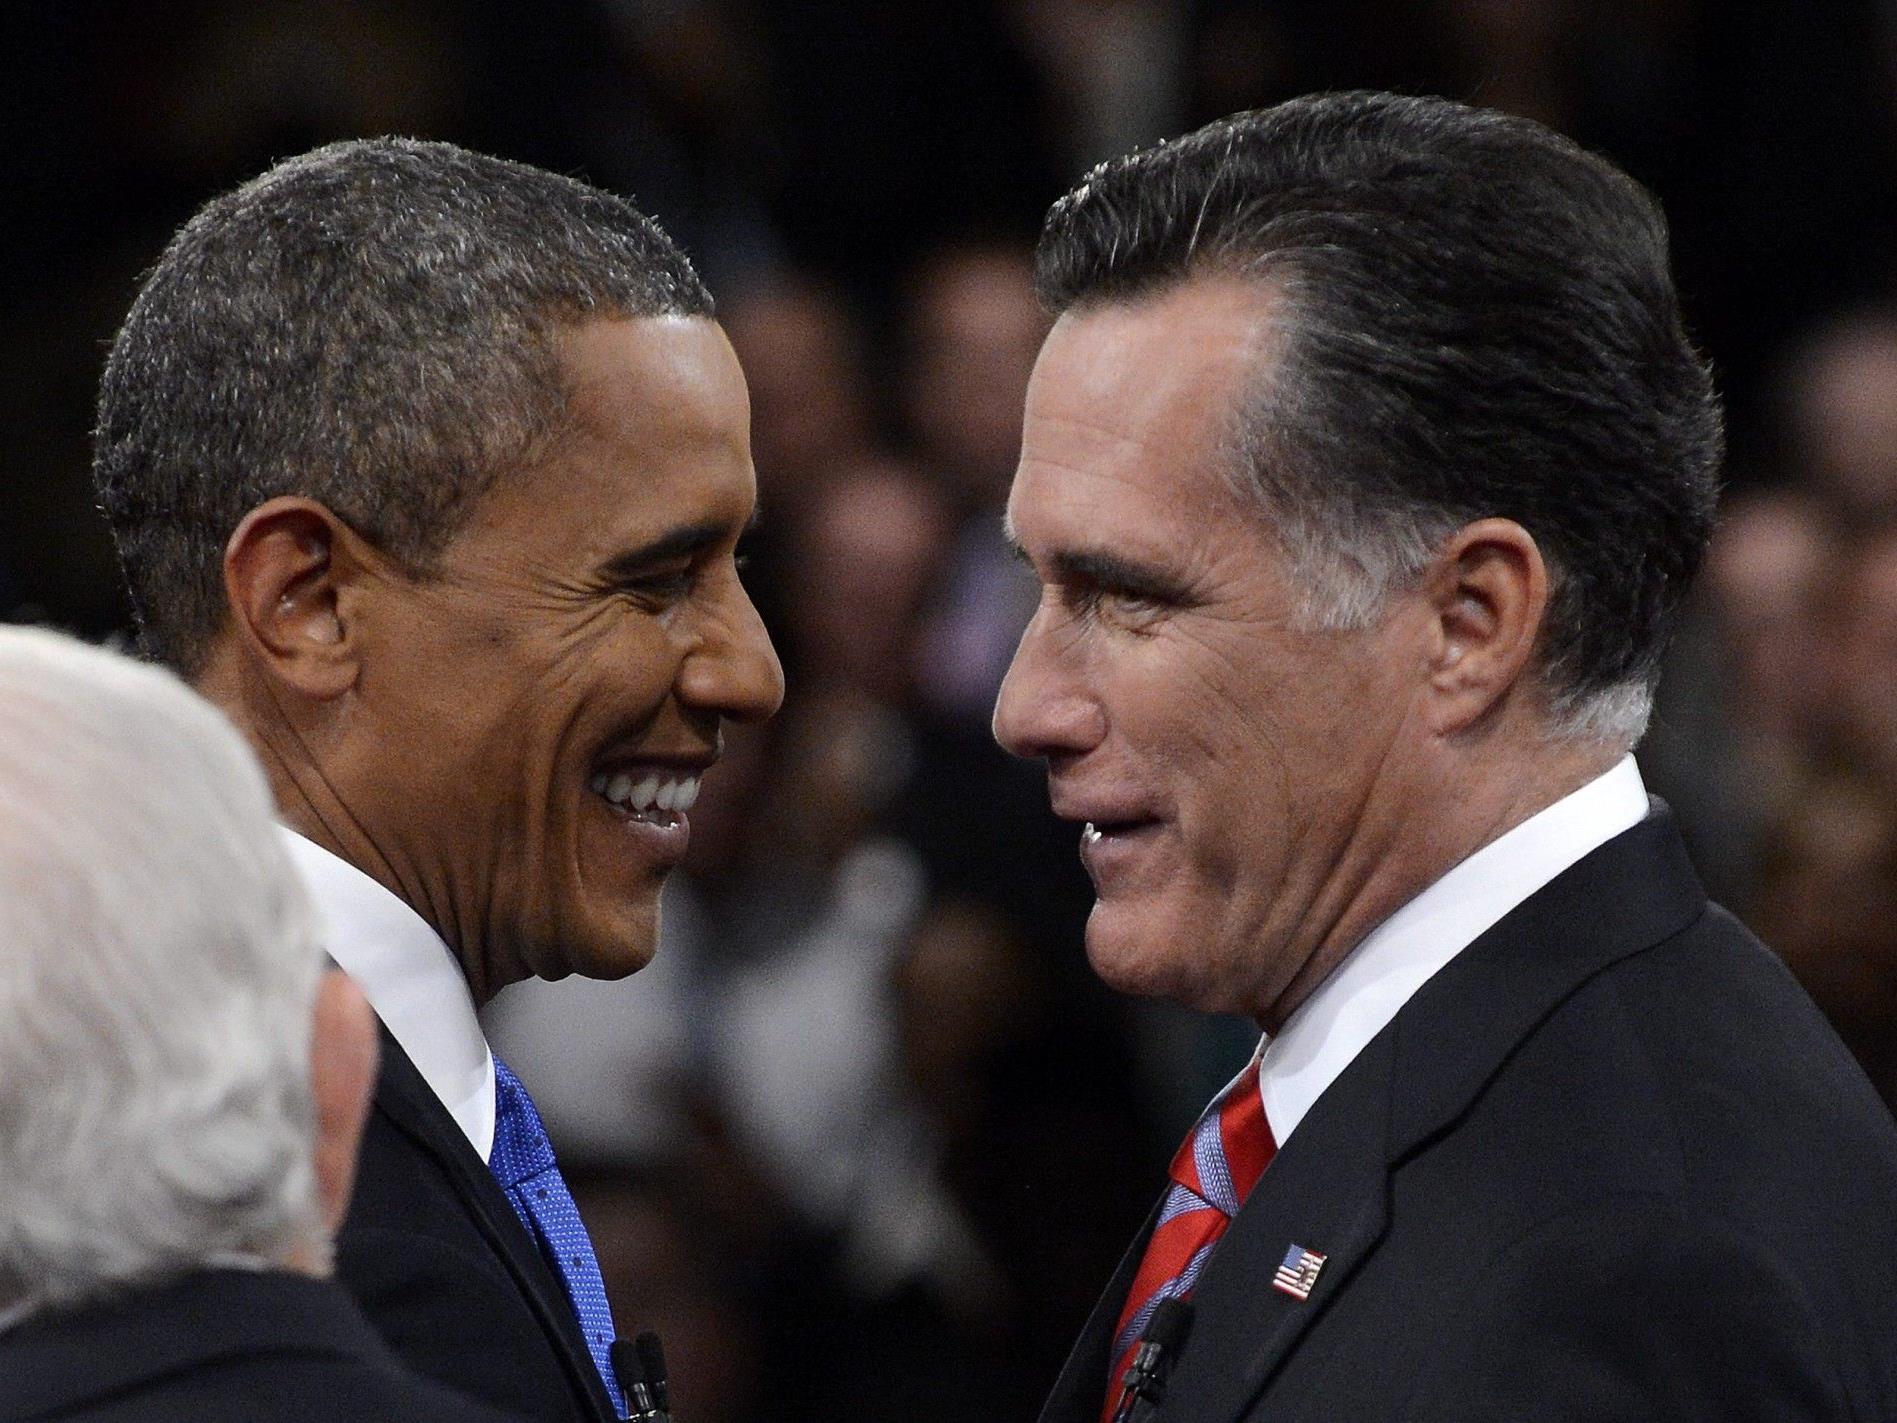 Amtsinhaber Obama laut Umfragen nur knapp voran.